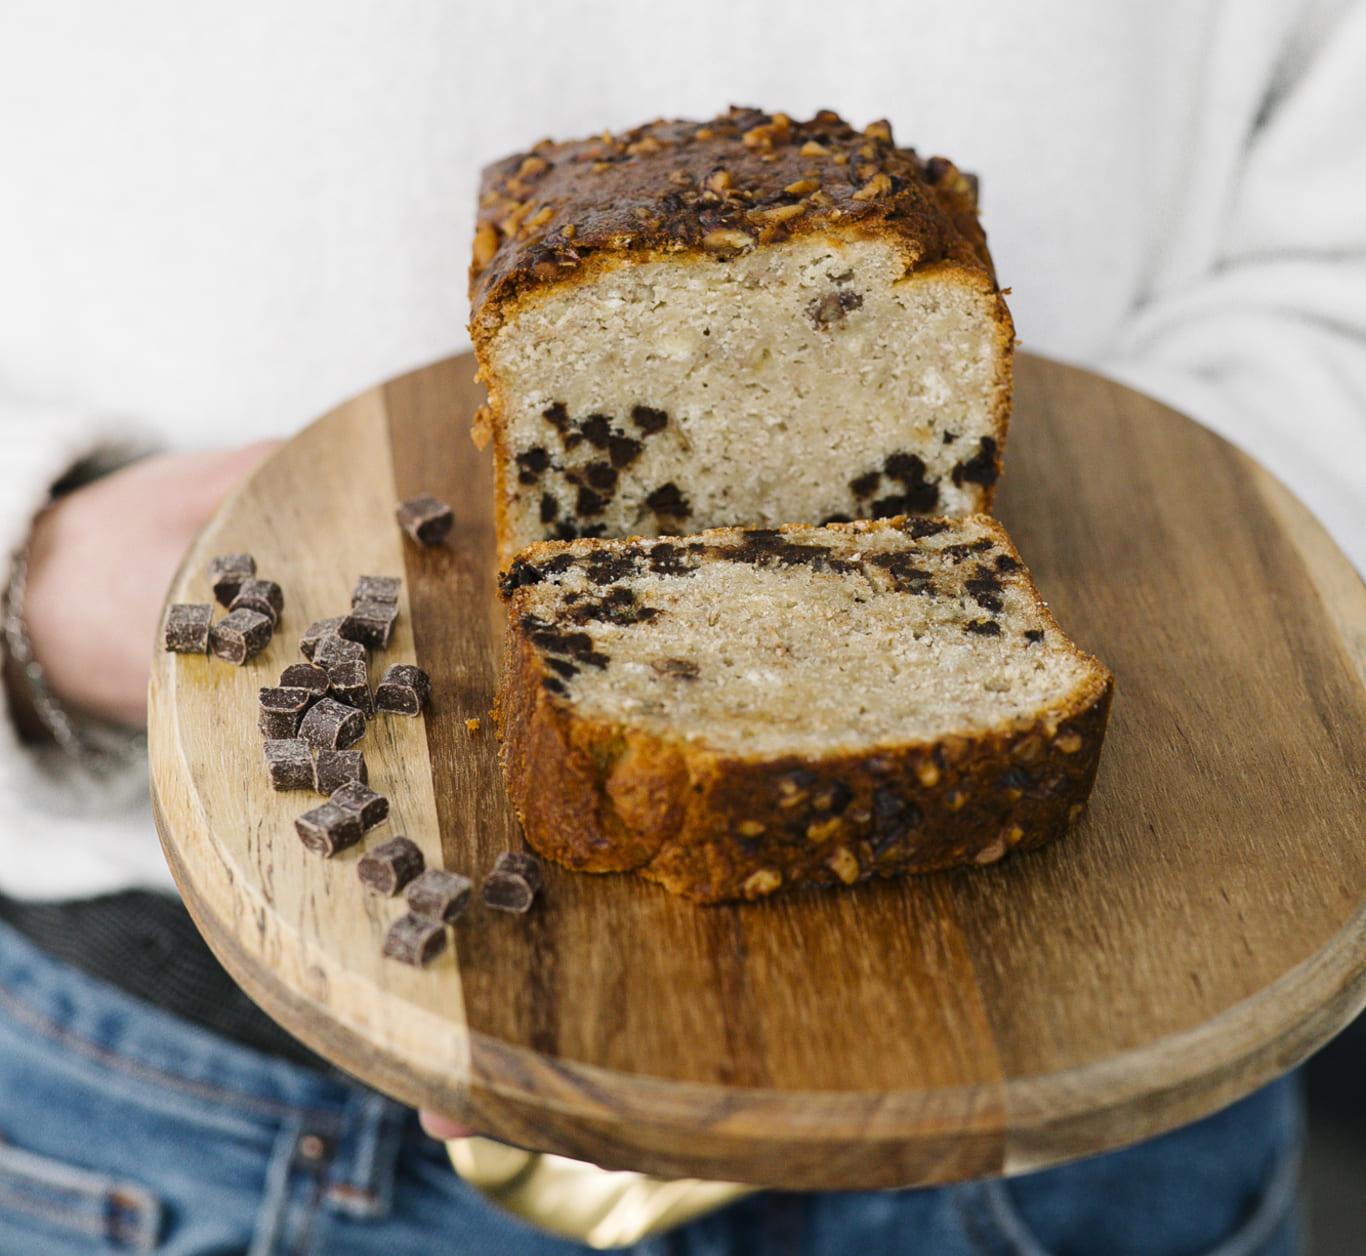 patisserie-cake-au-chocolat